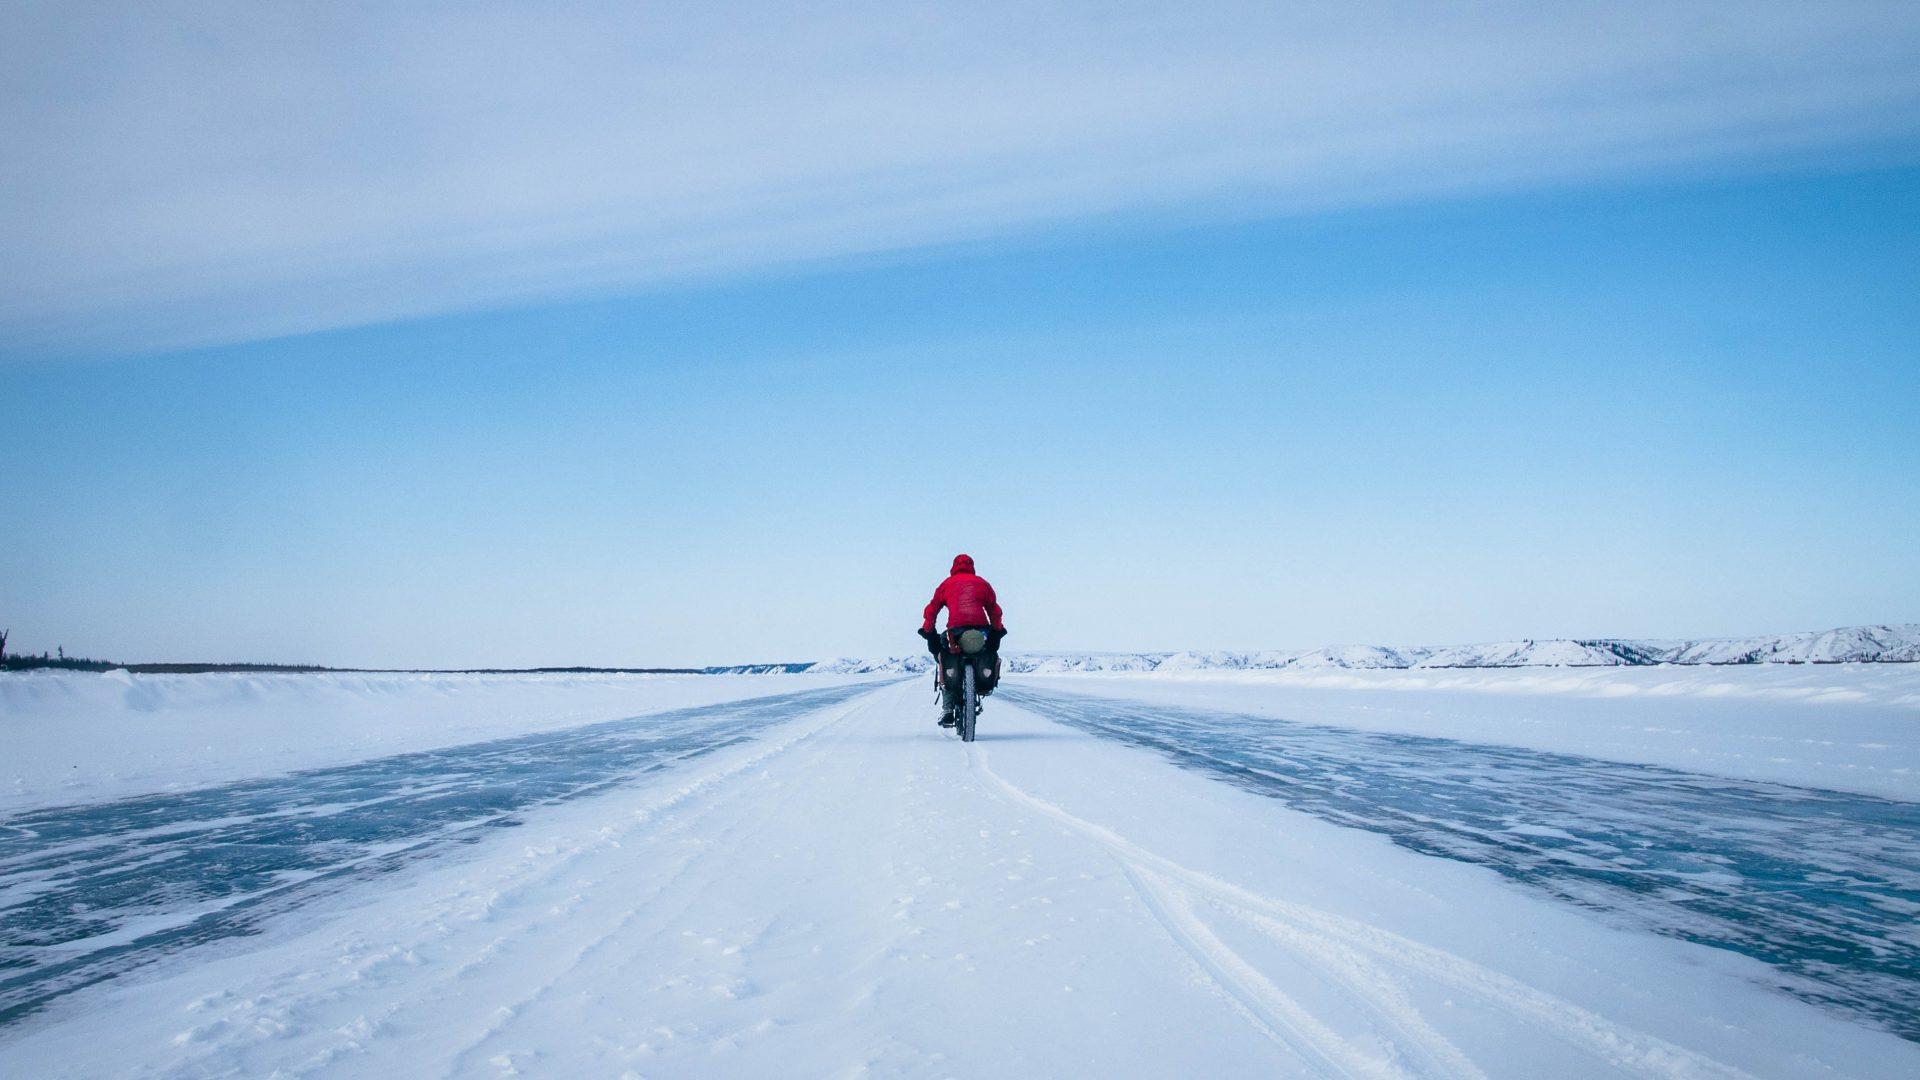 Cycling along the frozen MacKenzie River, Canada.